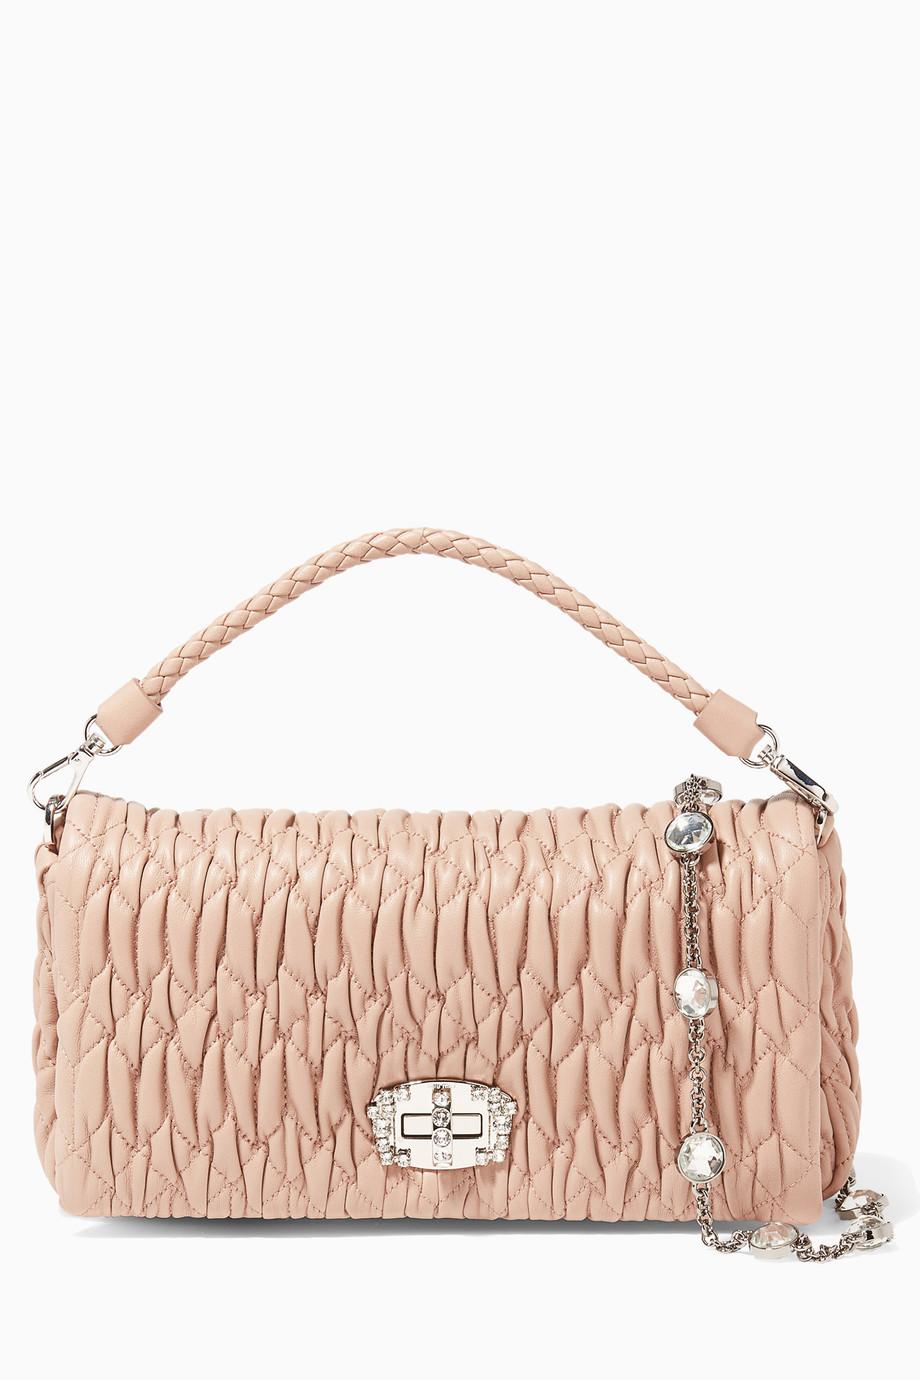 2bc05283577 Shop Miu Miu Pink Light-Pink Matelassé Crystal-Embellished Leather ...